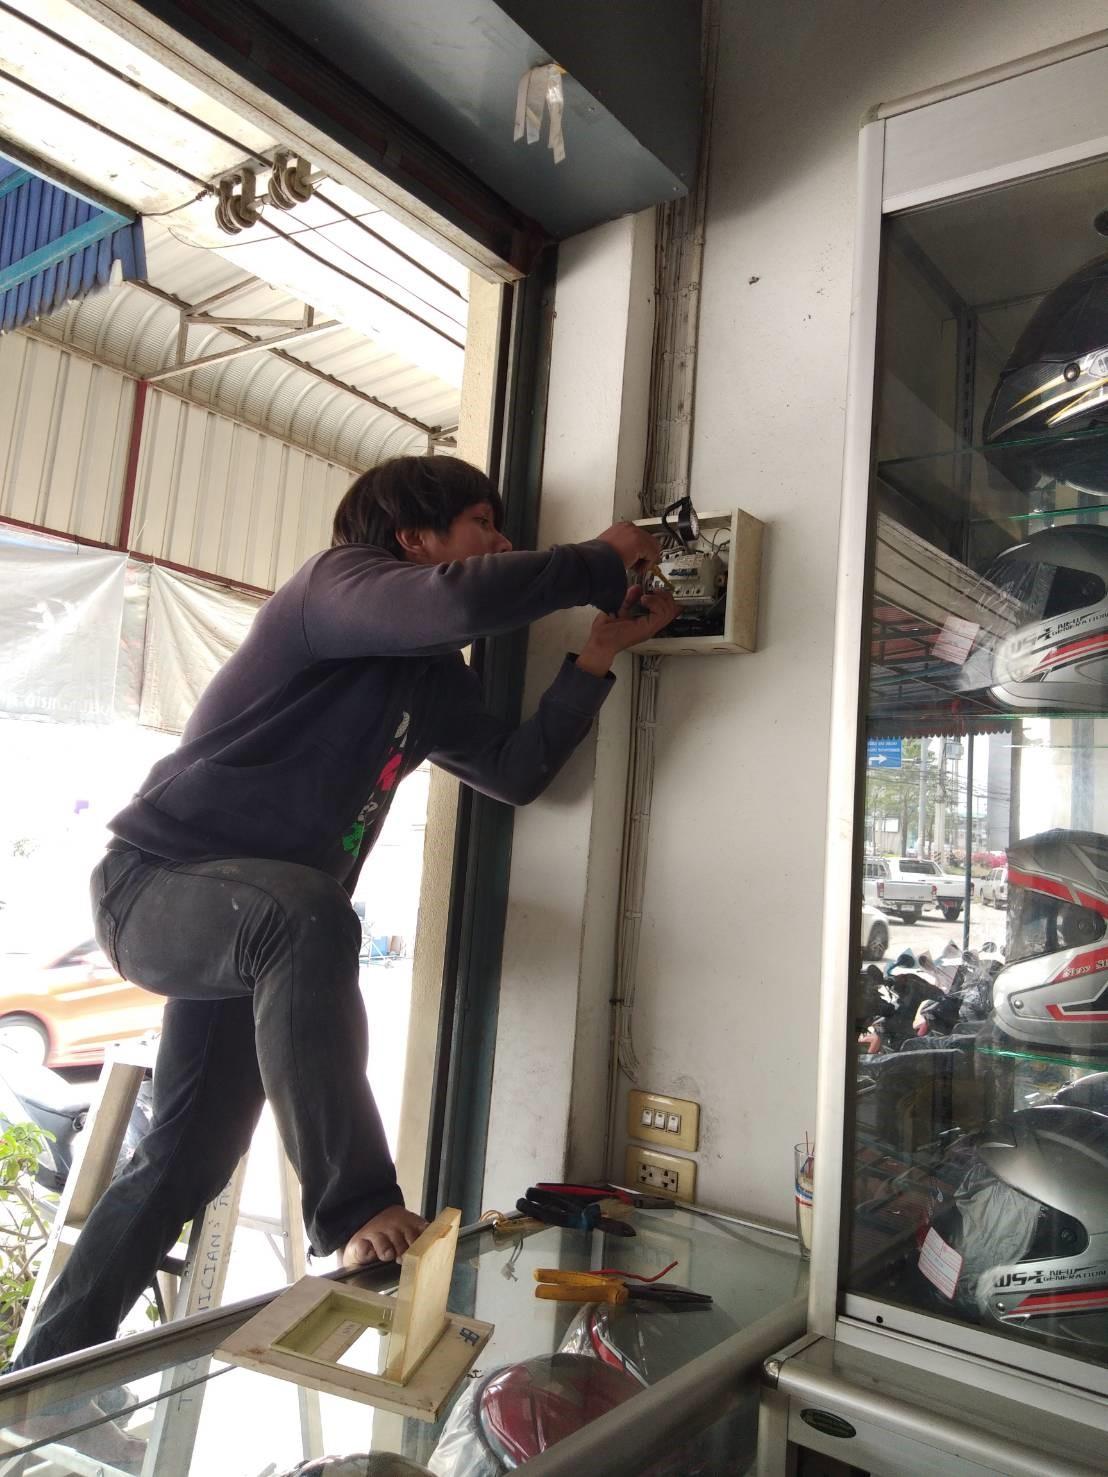 ช่างซ่อม ไฟฟ้า ปั้มน้ำ ดอนเมือง ด่วน 0882750965 idline @ckj5753k